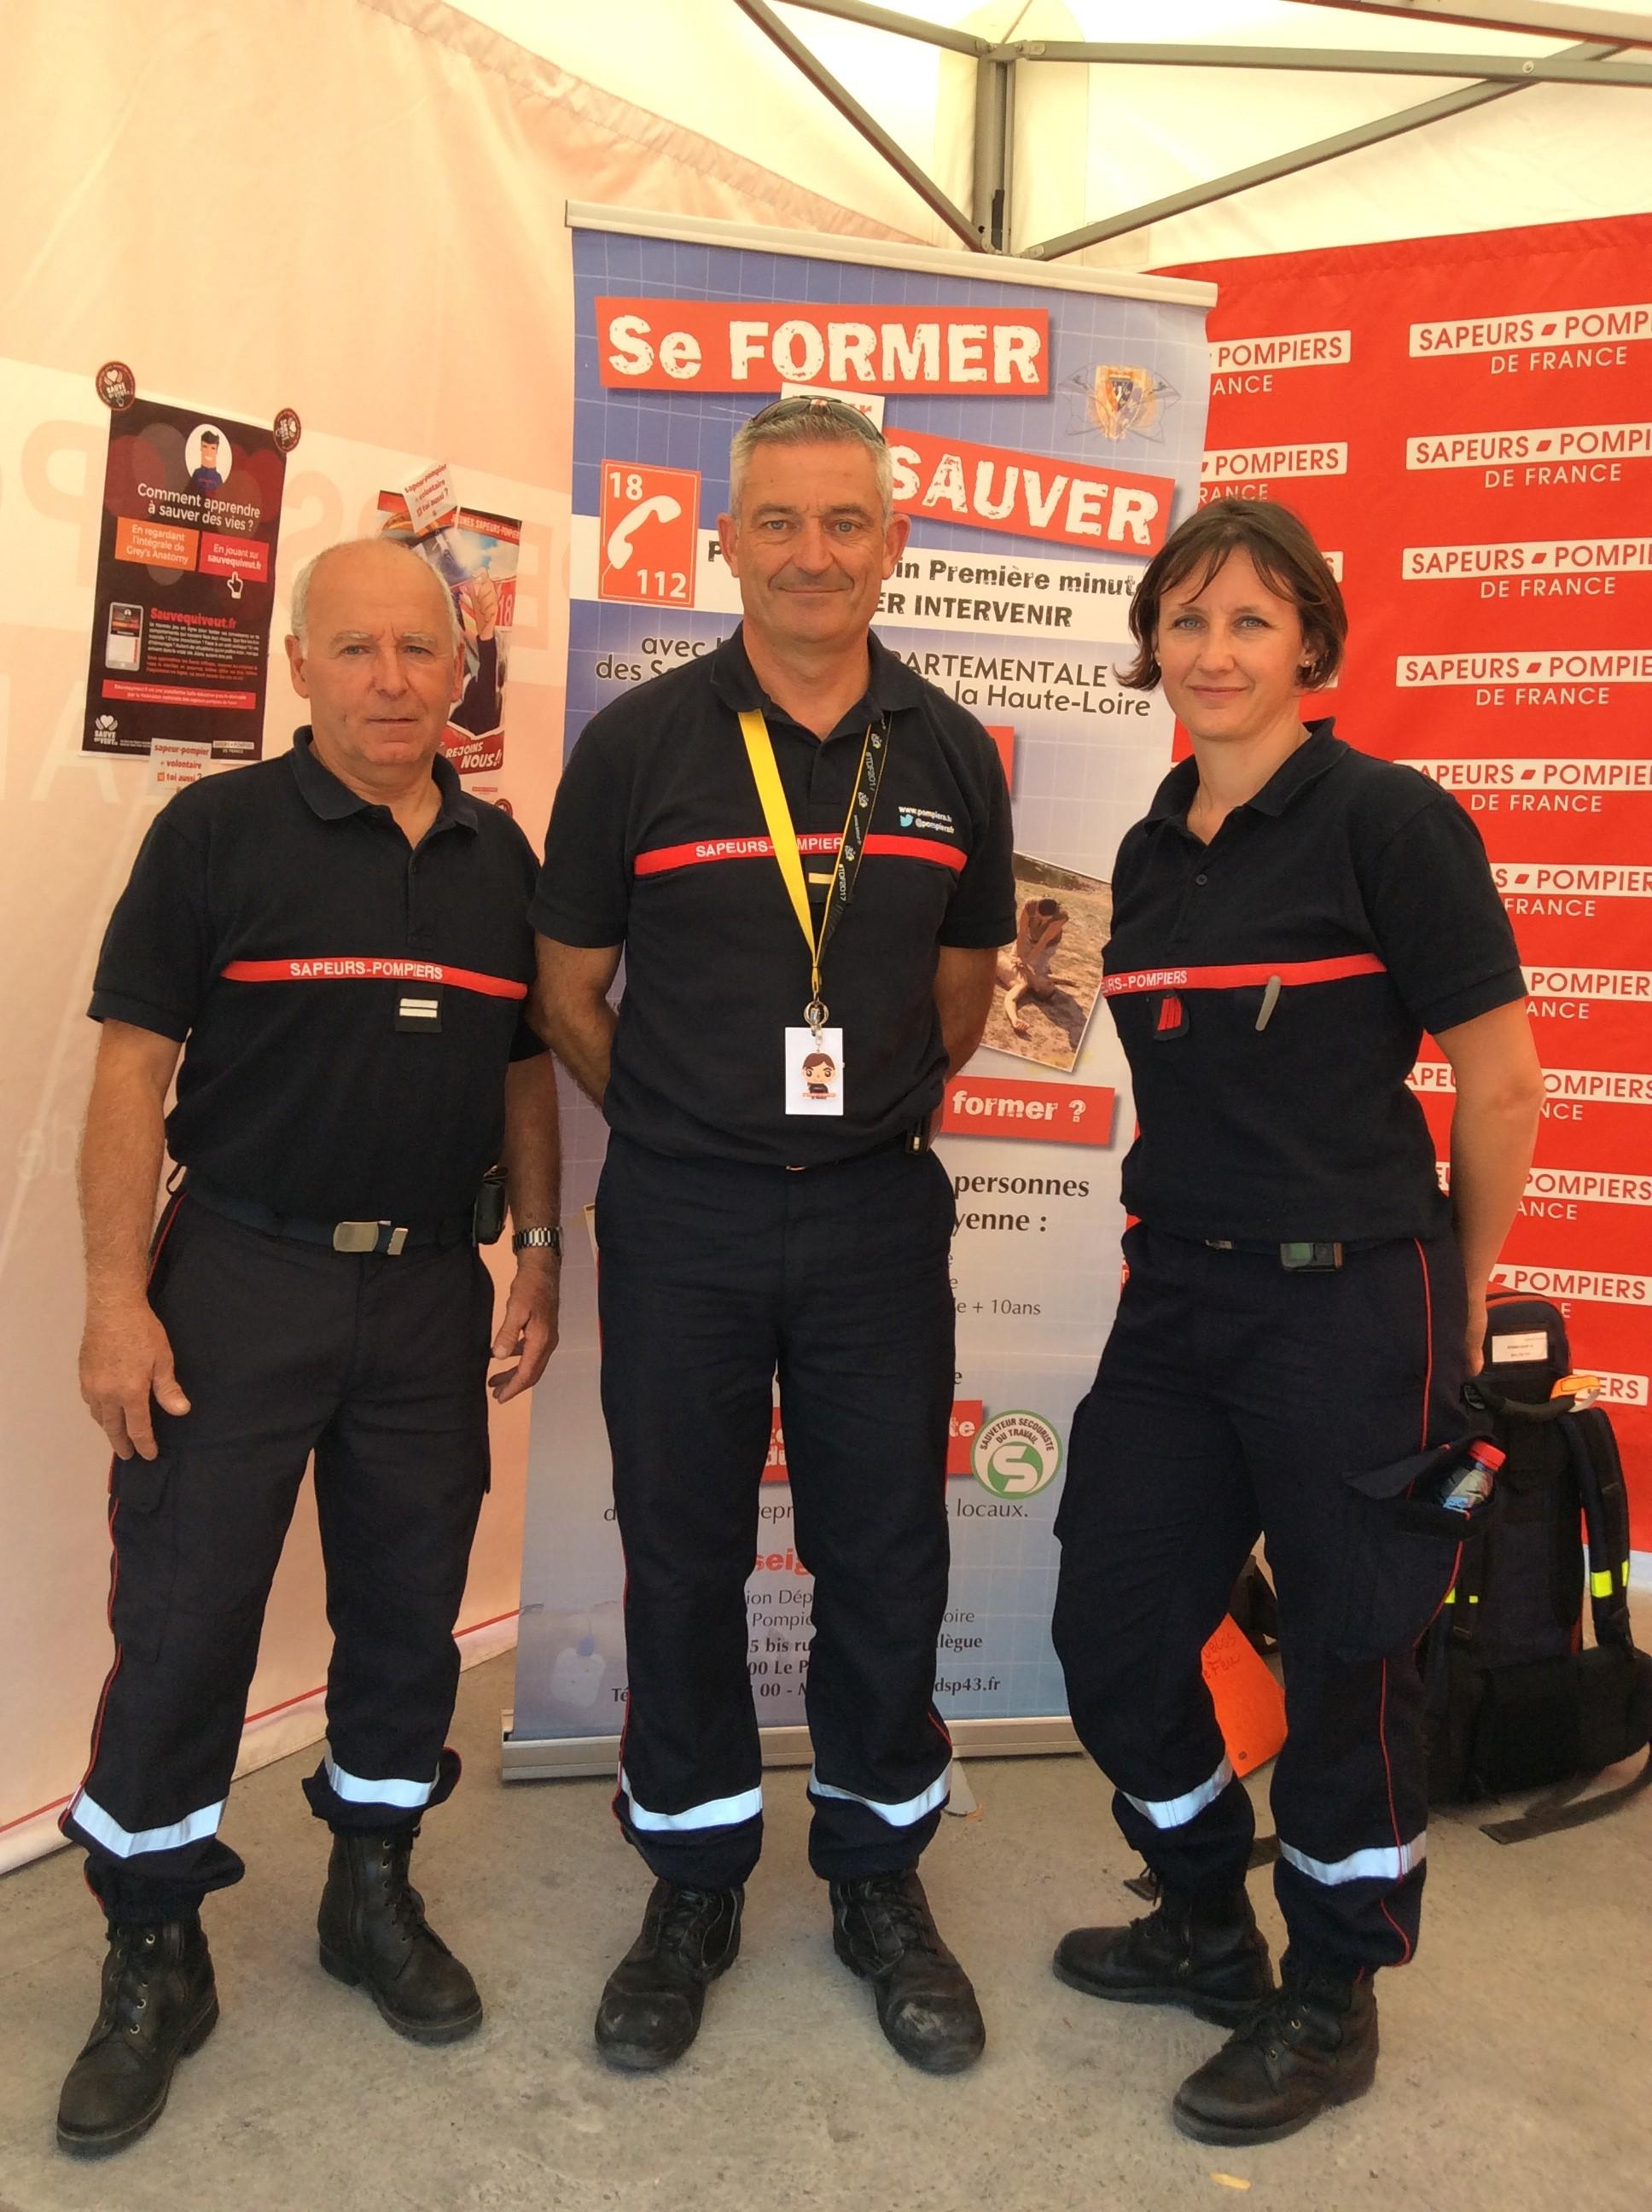 les pompiers sur le tour 2017 18/07/17